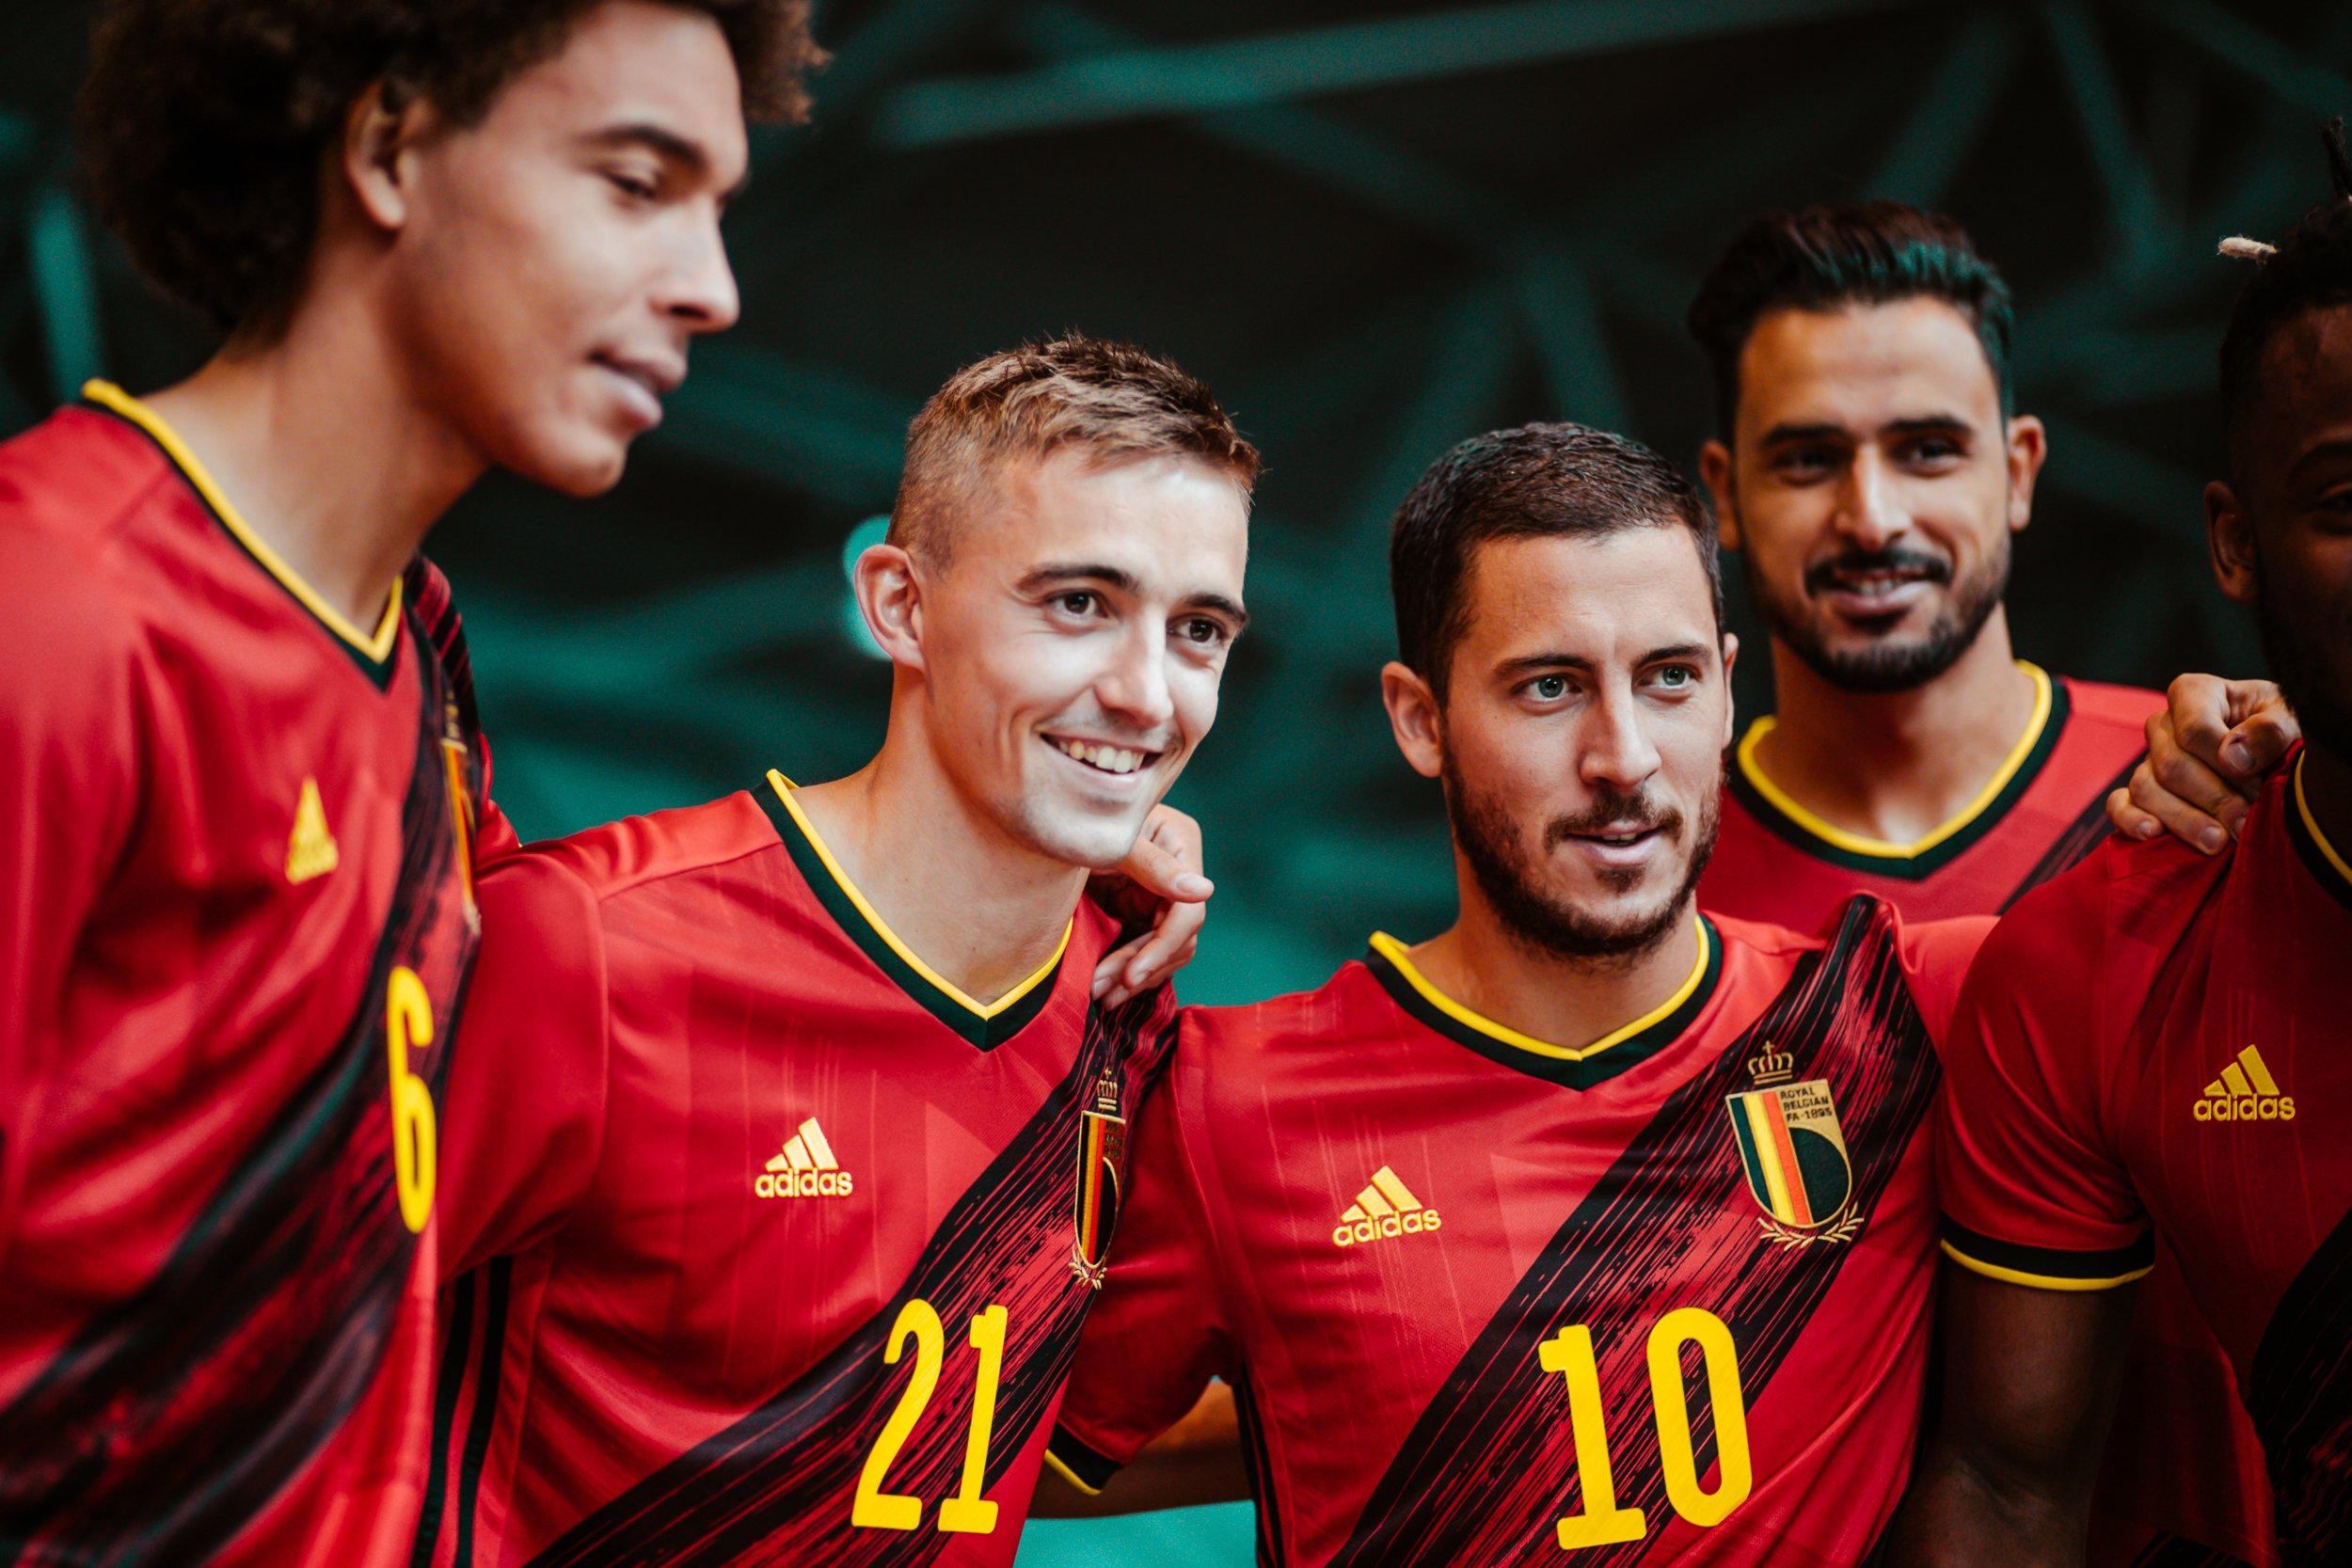 Maglie calcio europei 2020 belgio